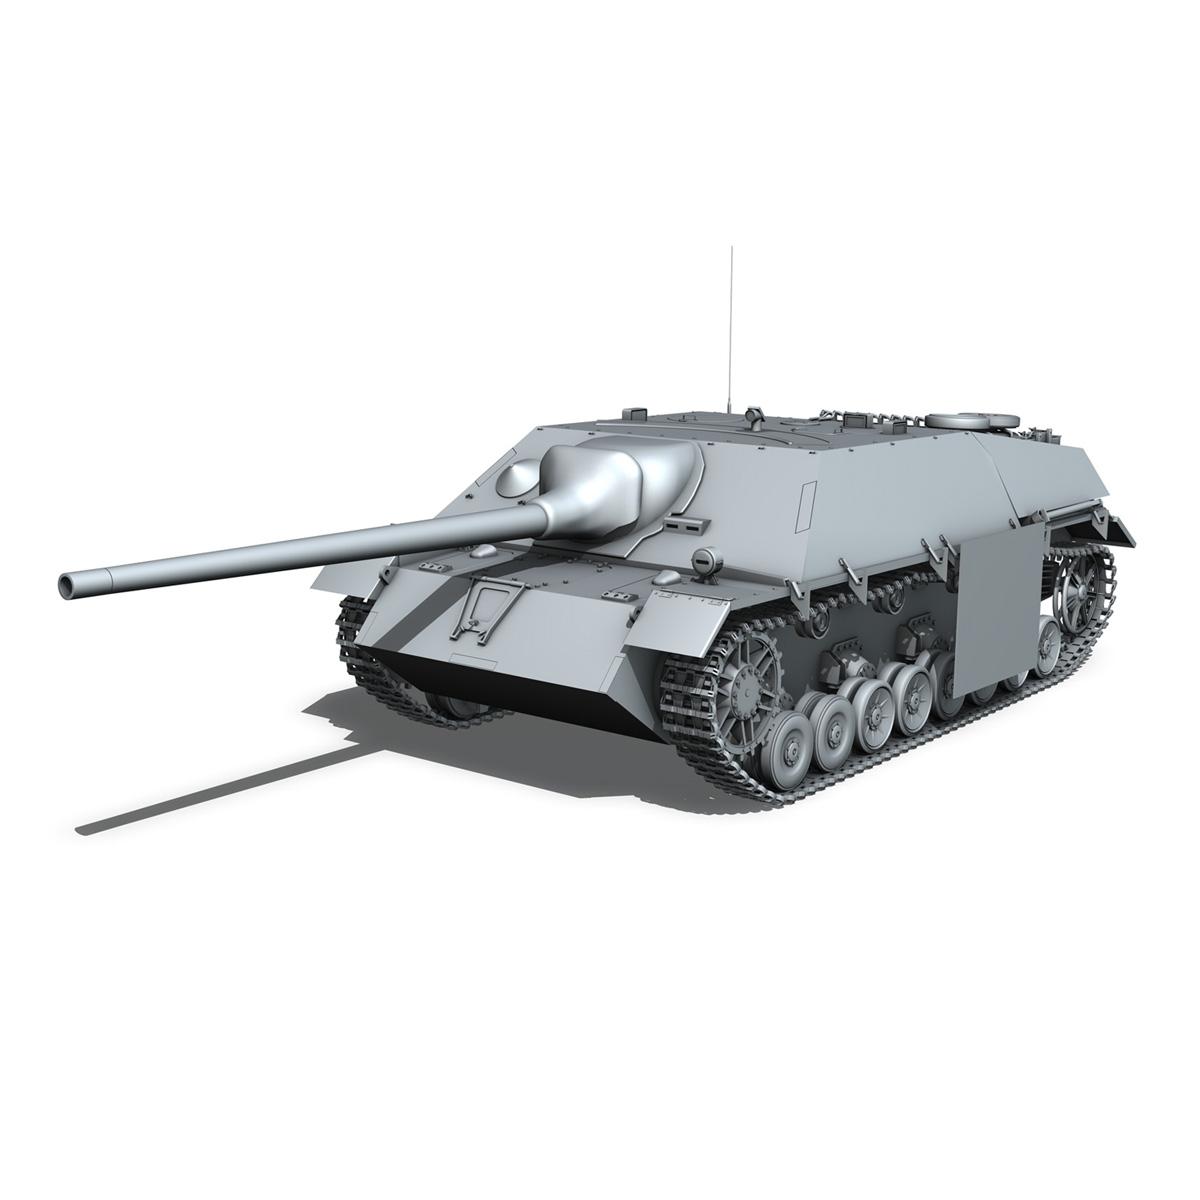 jagdpanzer iv l/70 (v) late production 3d model 3ds fbx c4d lwo obj 202019